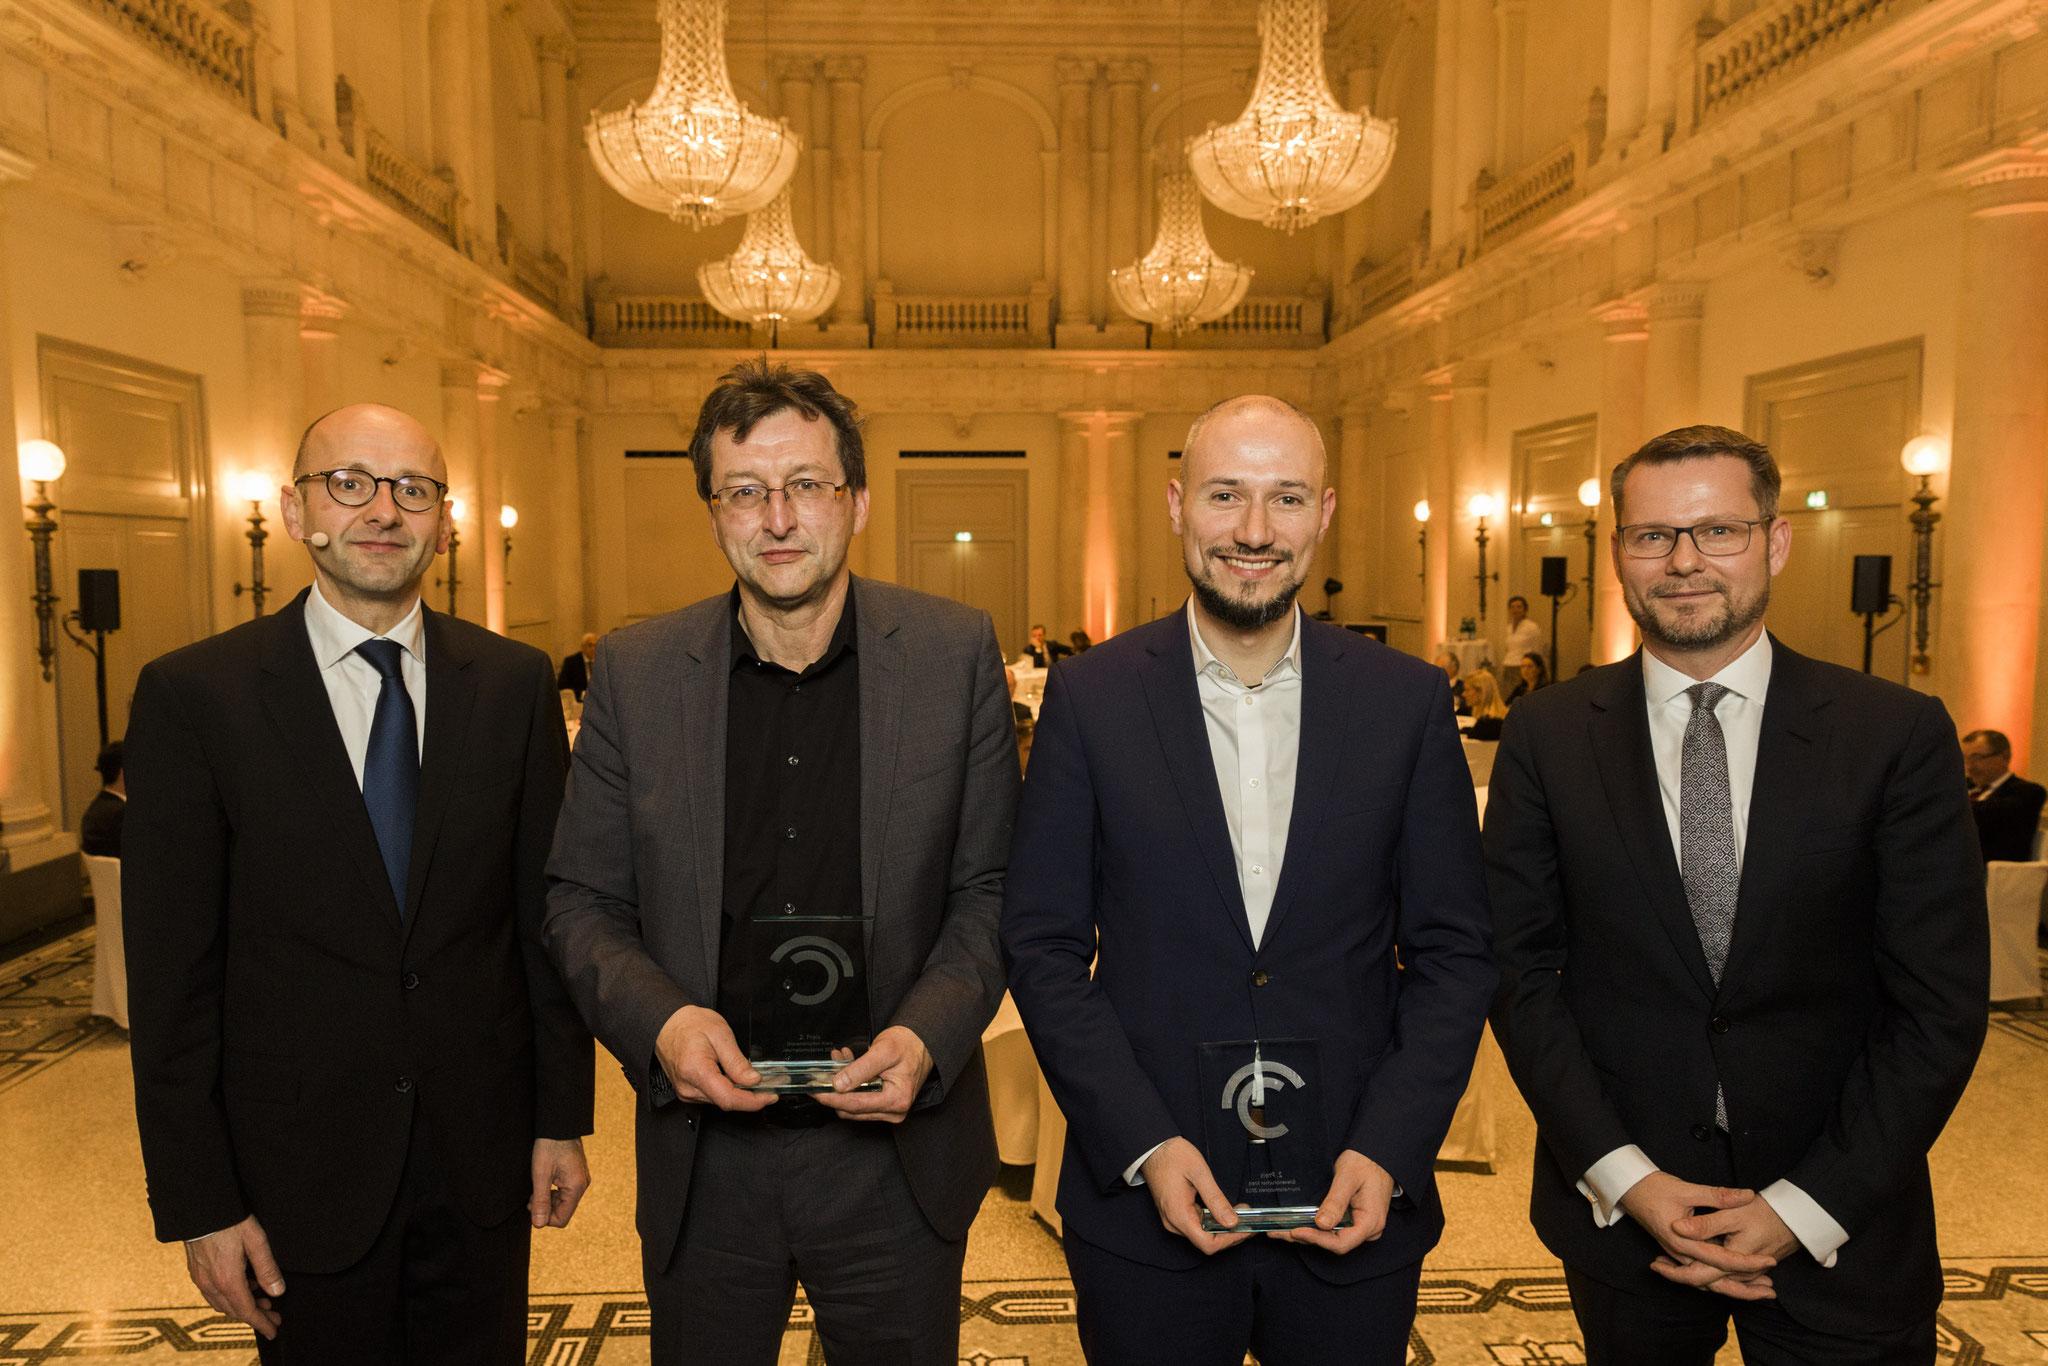 Von links: Lucas Flöther, Martin-Werner Buchenau, Anis Micijevic, 2. Platz Journalismuspreis, Dirk Andres © 2018 Sven Döring